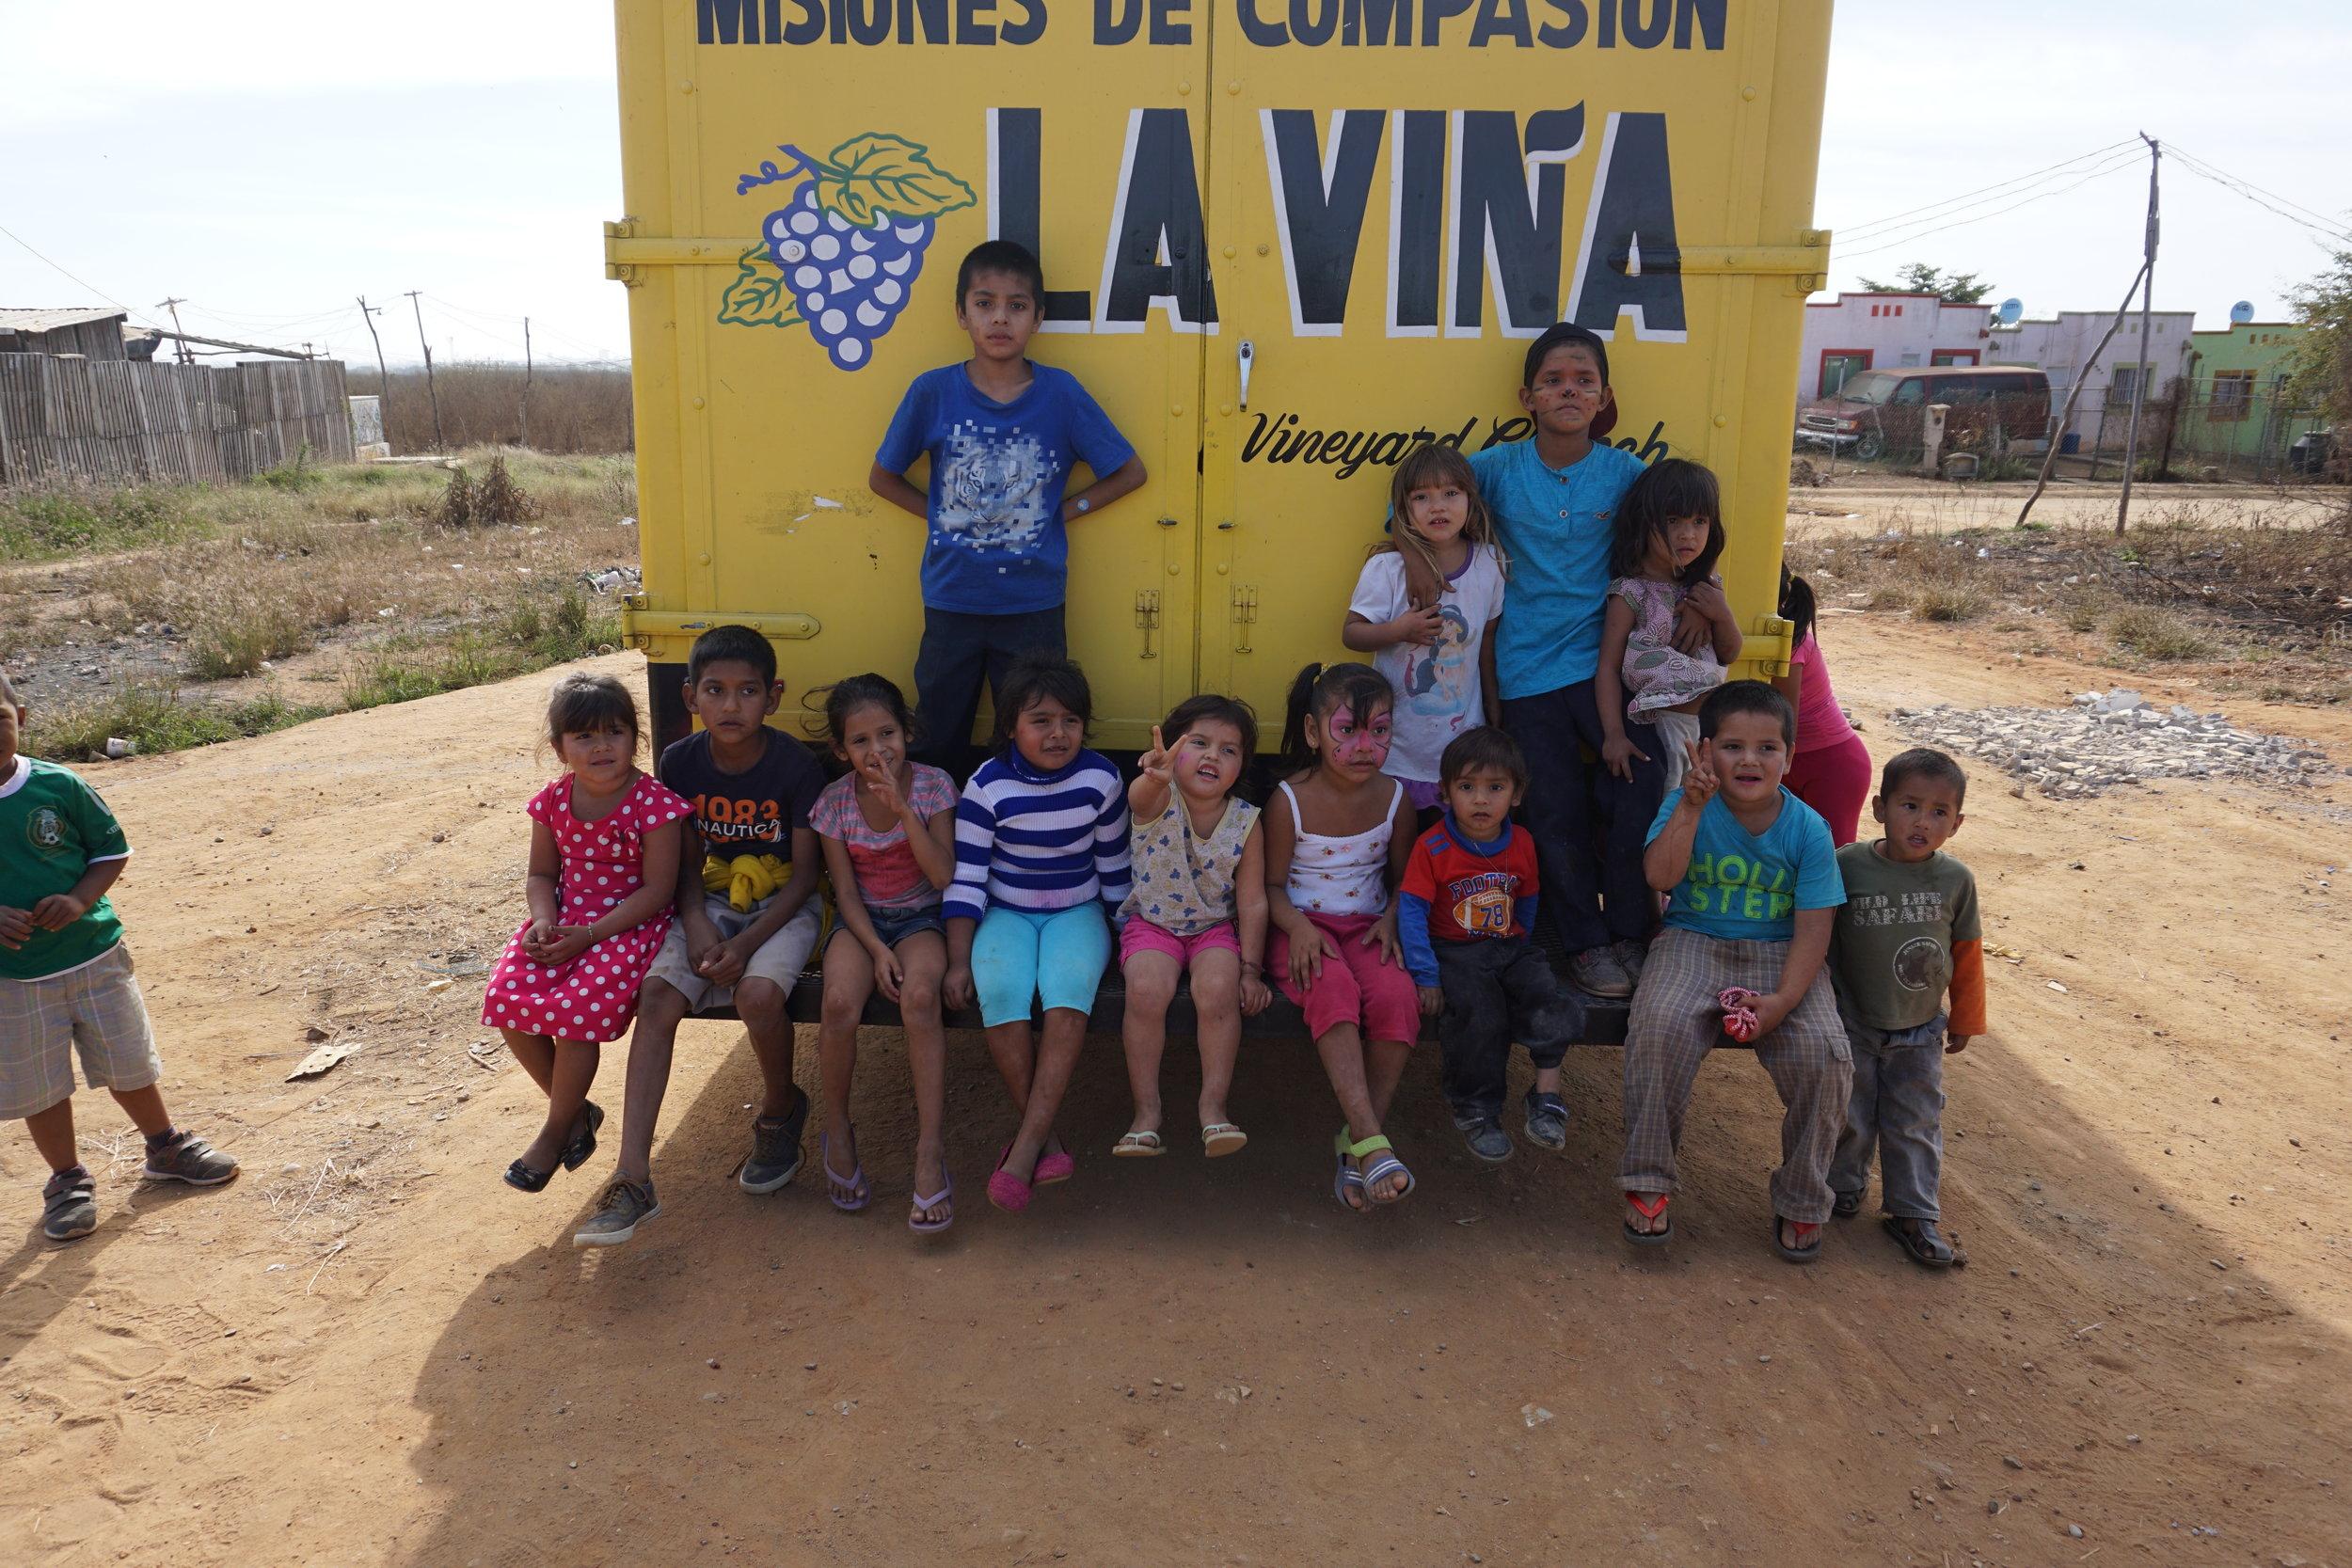 Children of La Vina